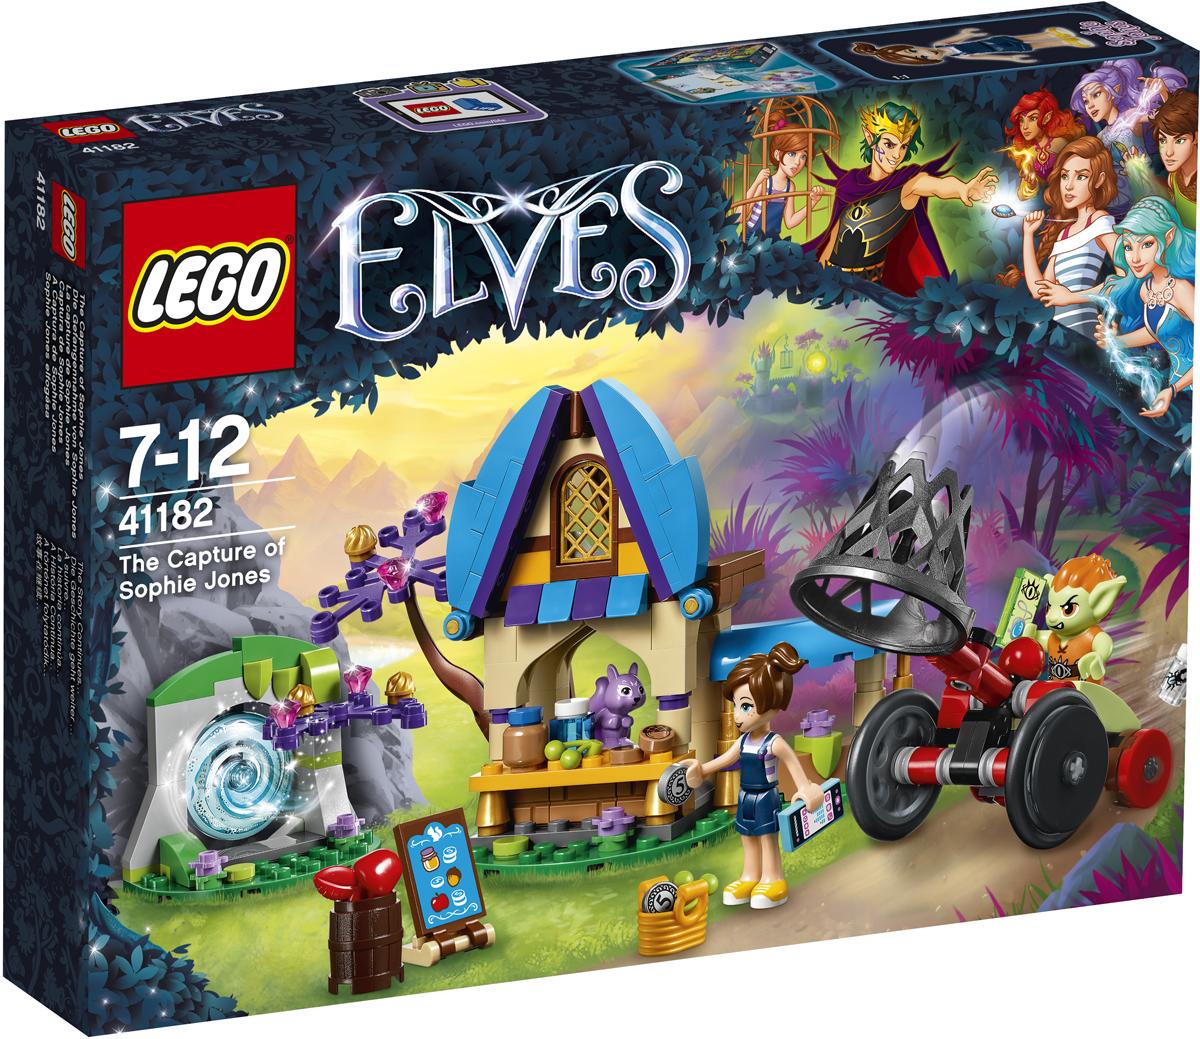 LEGO Elves Конструктор Похищение Софи Джонс 41182 бельчонок софи или осторожно драконы